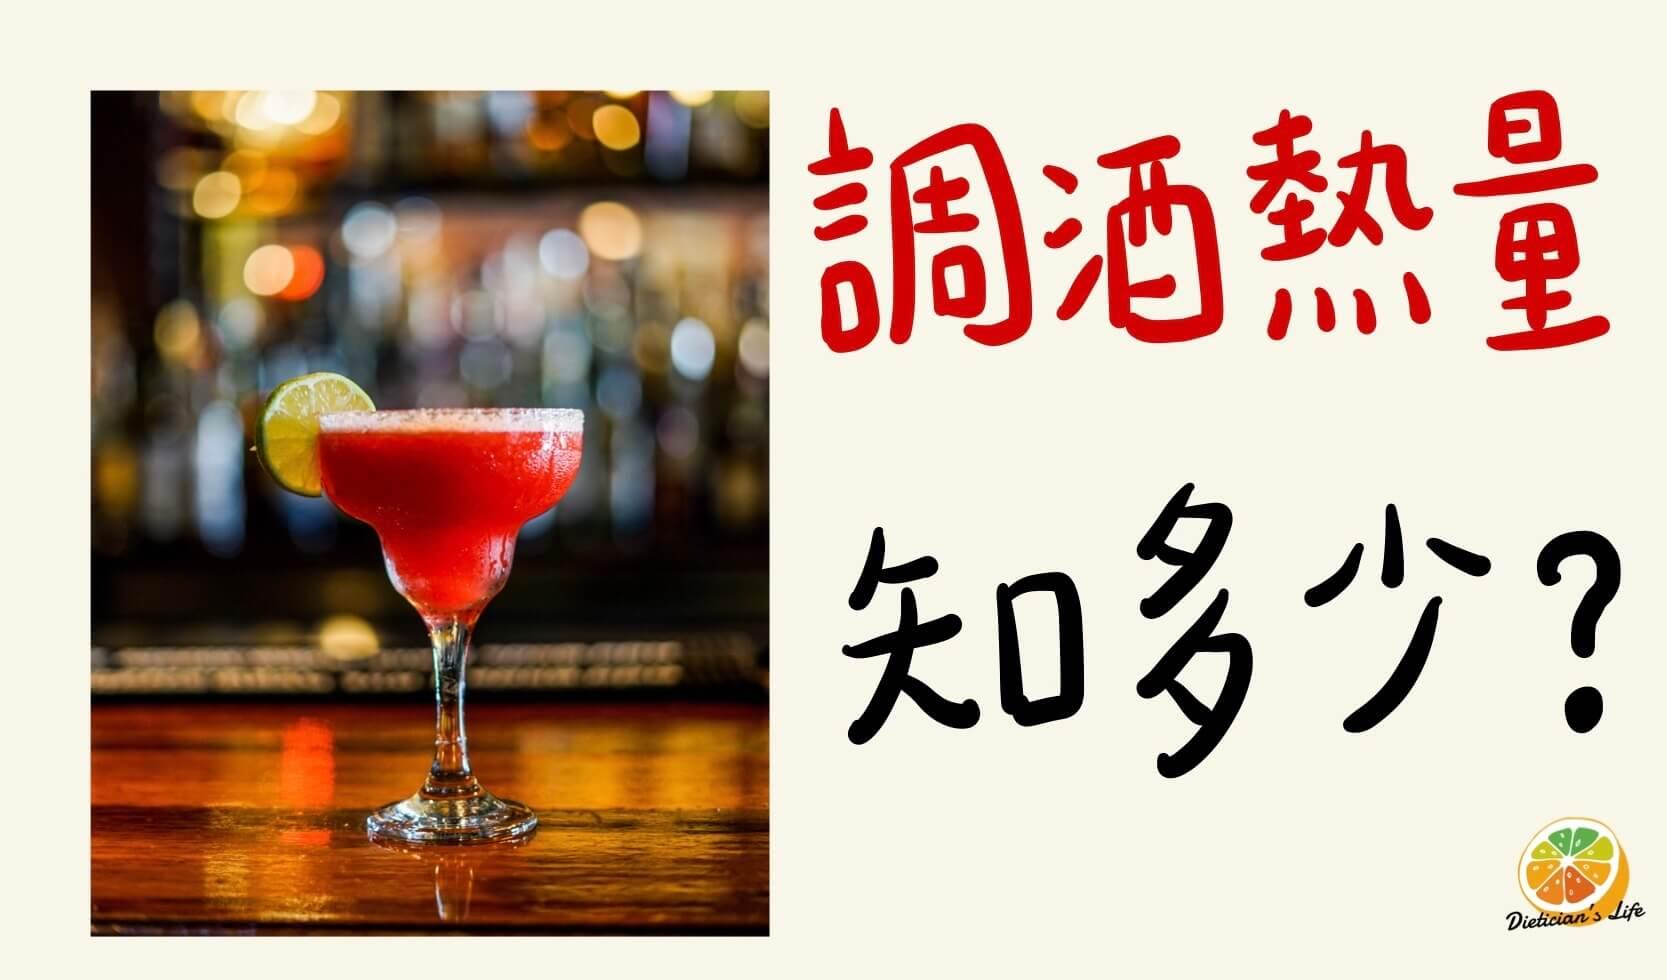 【生活】夜晚來一杯微醺調酒,你可知道一杯調酒的熱量有多少?排名一次列給你看!